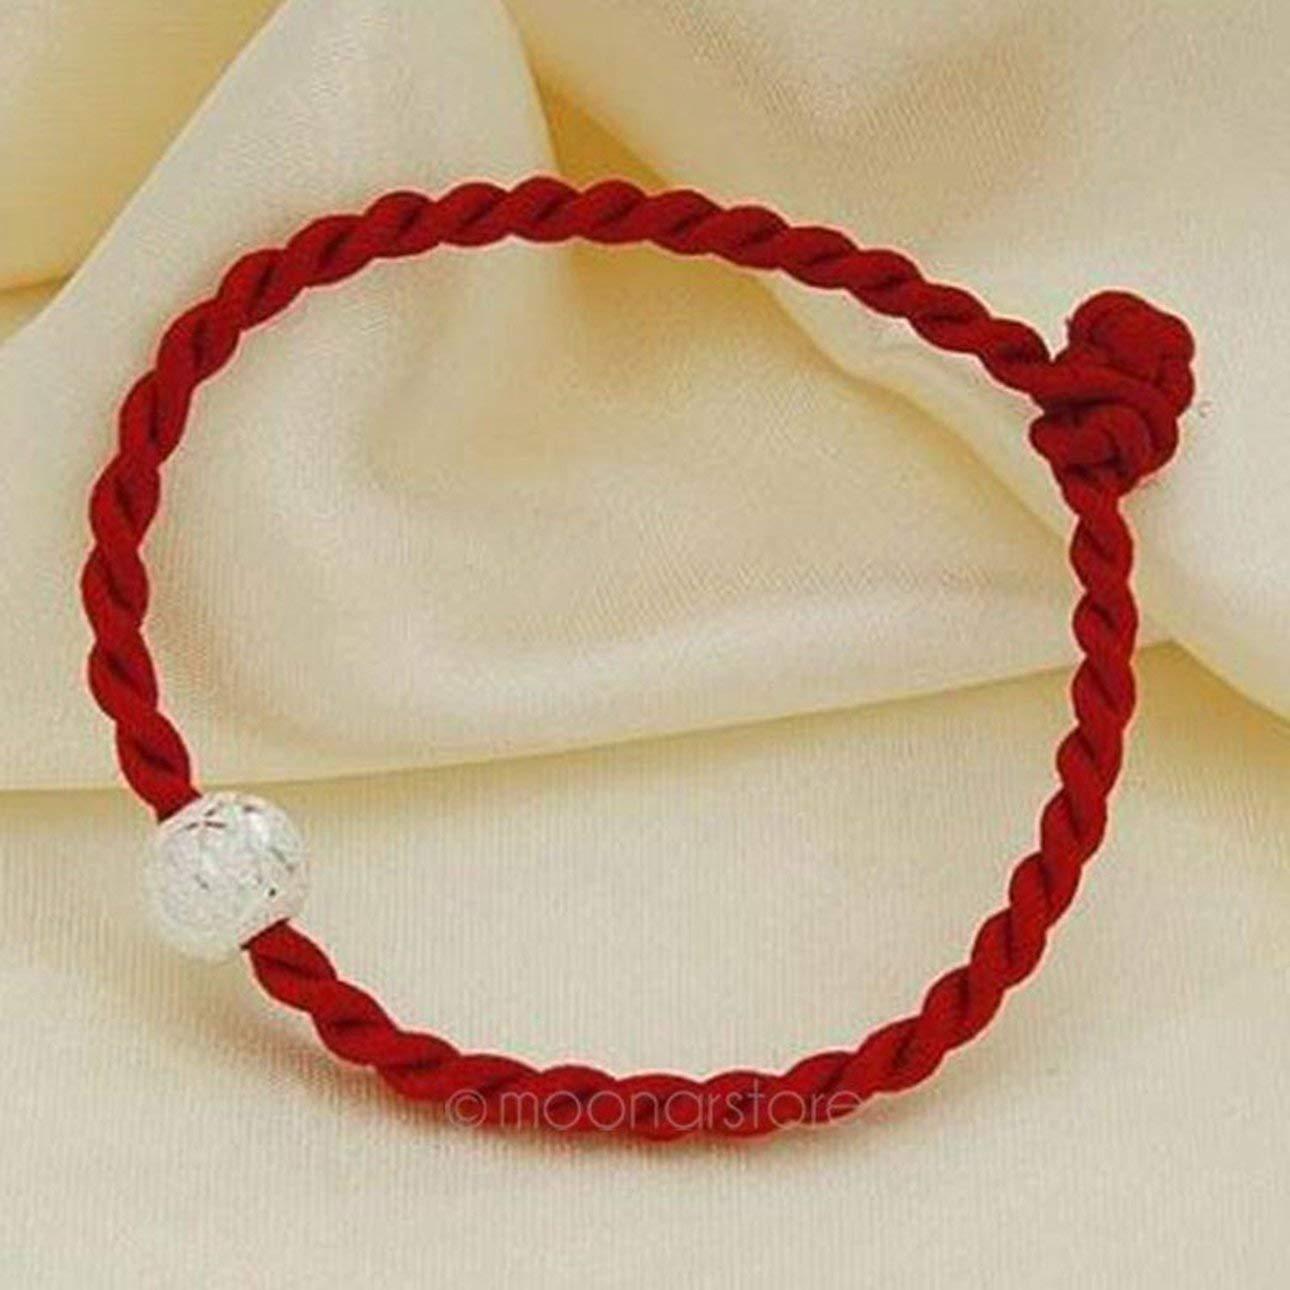 Pudincoco Chinois Feng Shui Chanceux Corde Corde Rouge Pi/èces tiss/ées /à la Main avec Perles dargent Corde tricot/ée Rouge Bracelet de Mode Simple